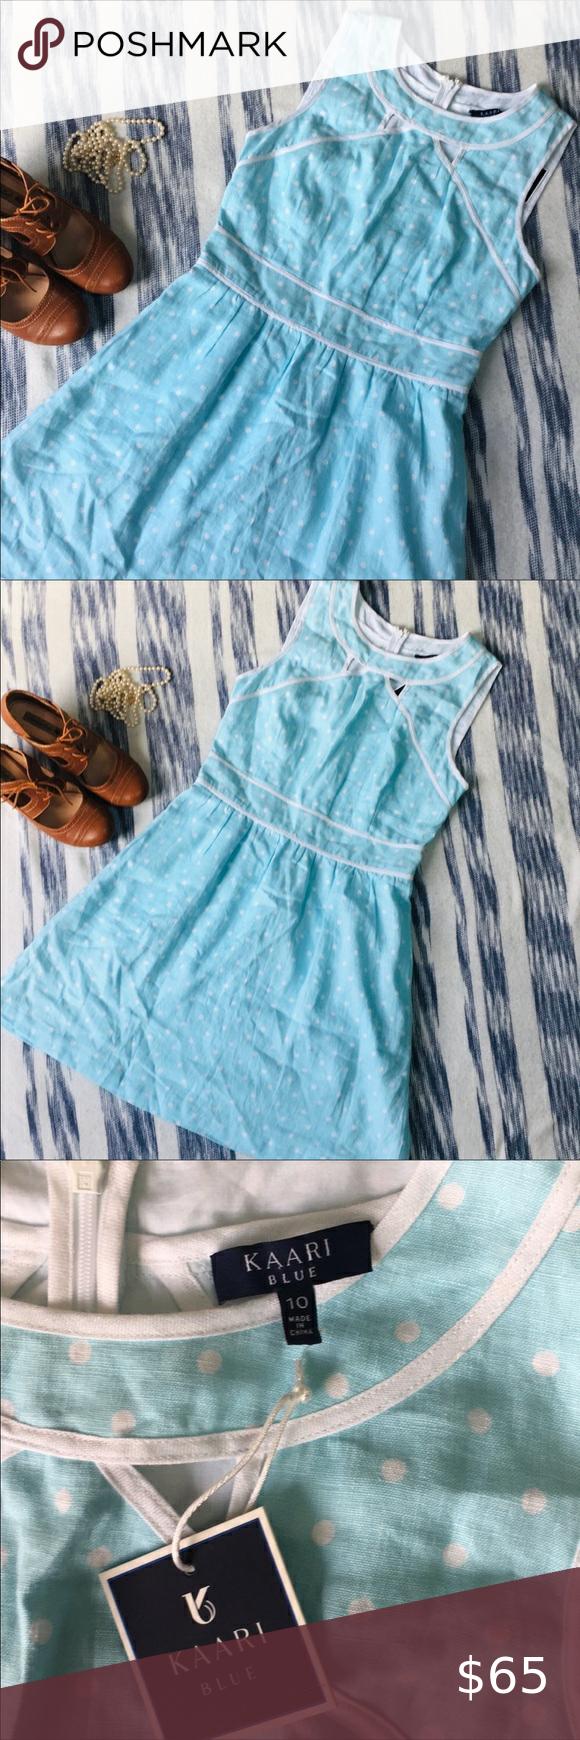 Nwt Kaari Blue Mint Linen Polkadot Spring Dress Dress Size Chart Women Blue Midi Dress Polka Dot Dress [ 1740 x 580 Pixel ]